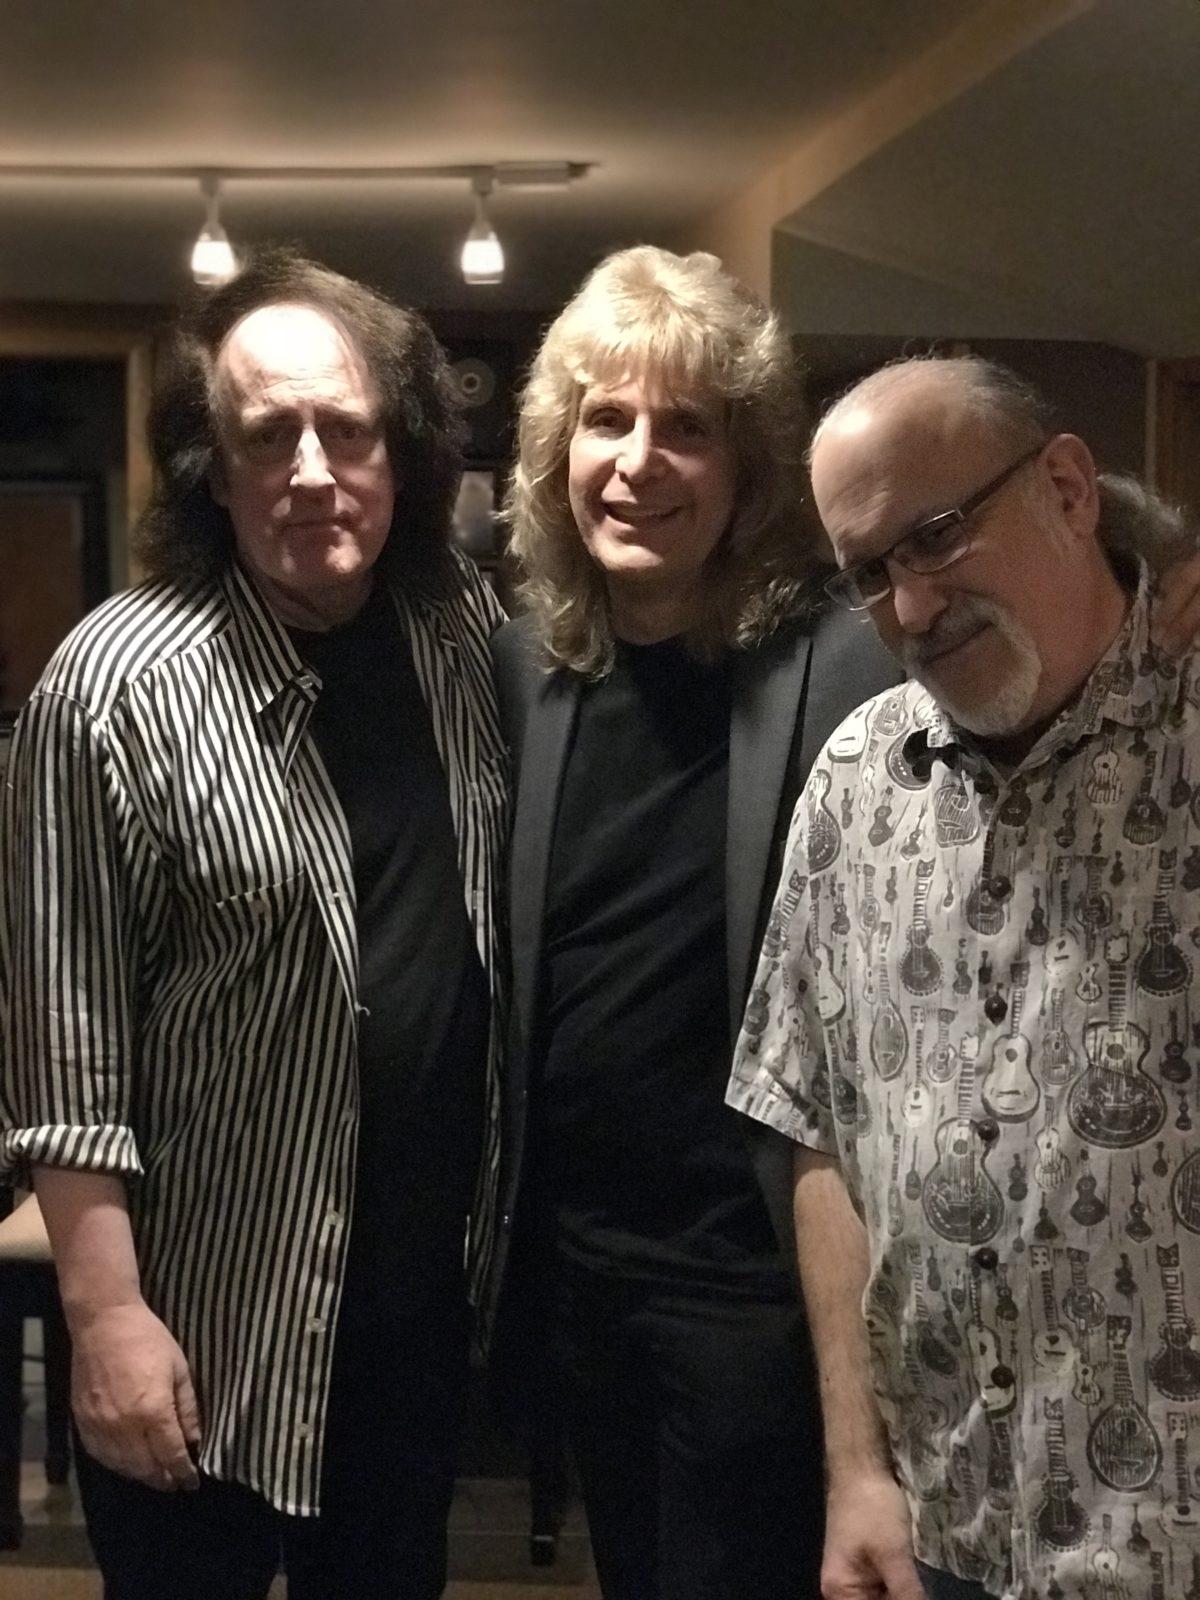 Tommy James, Glenn Taylor (the Shondells) and Pastor Caspar